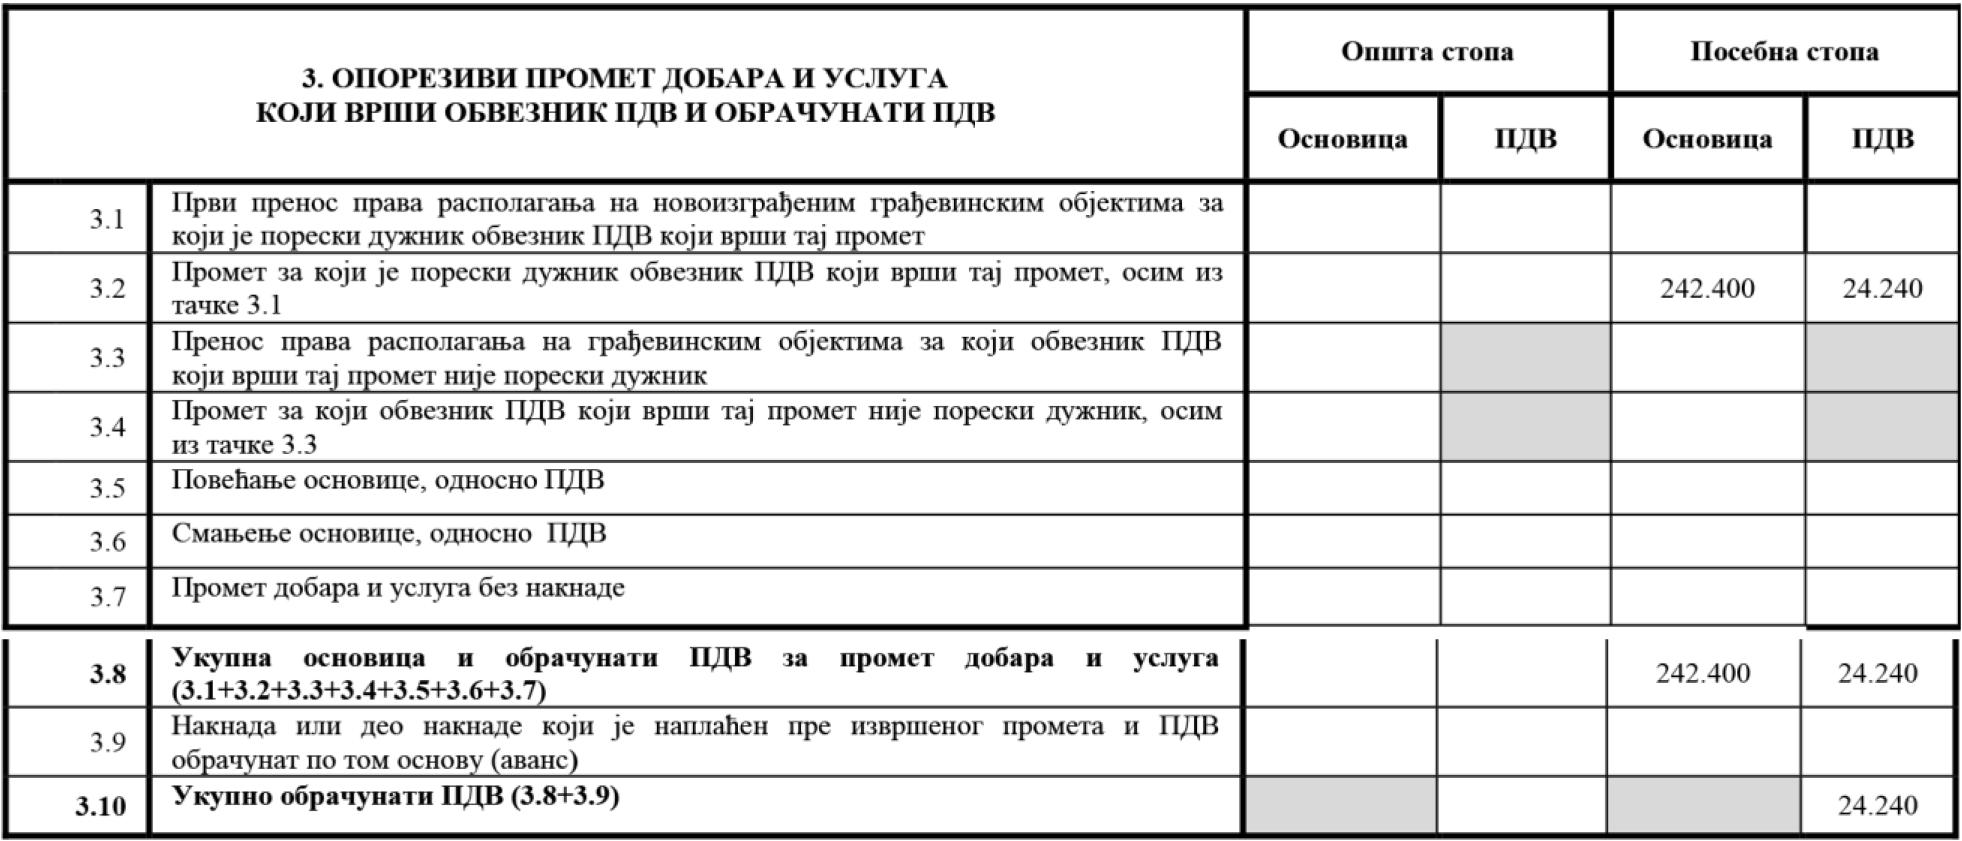 uputstvo PU obrazac POPDV primer 78 - 1.1